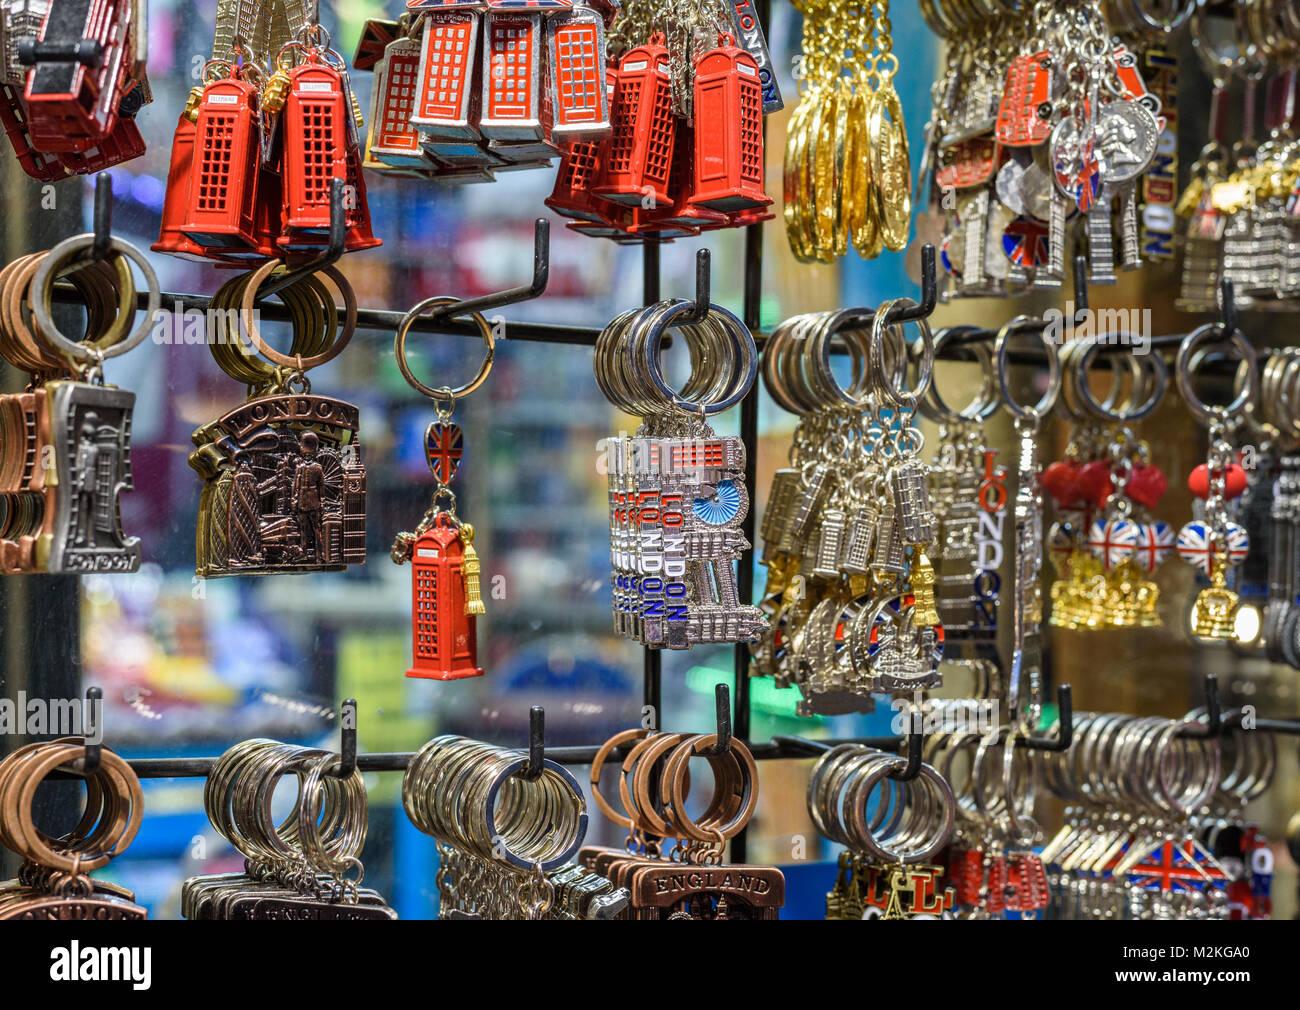 Una selezione di portachiavi di Londra negozio di souvenir in vendita. Immagini Stock